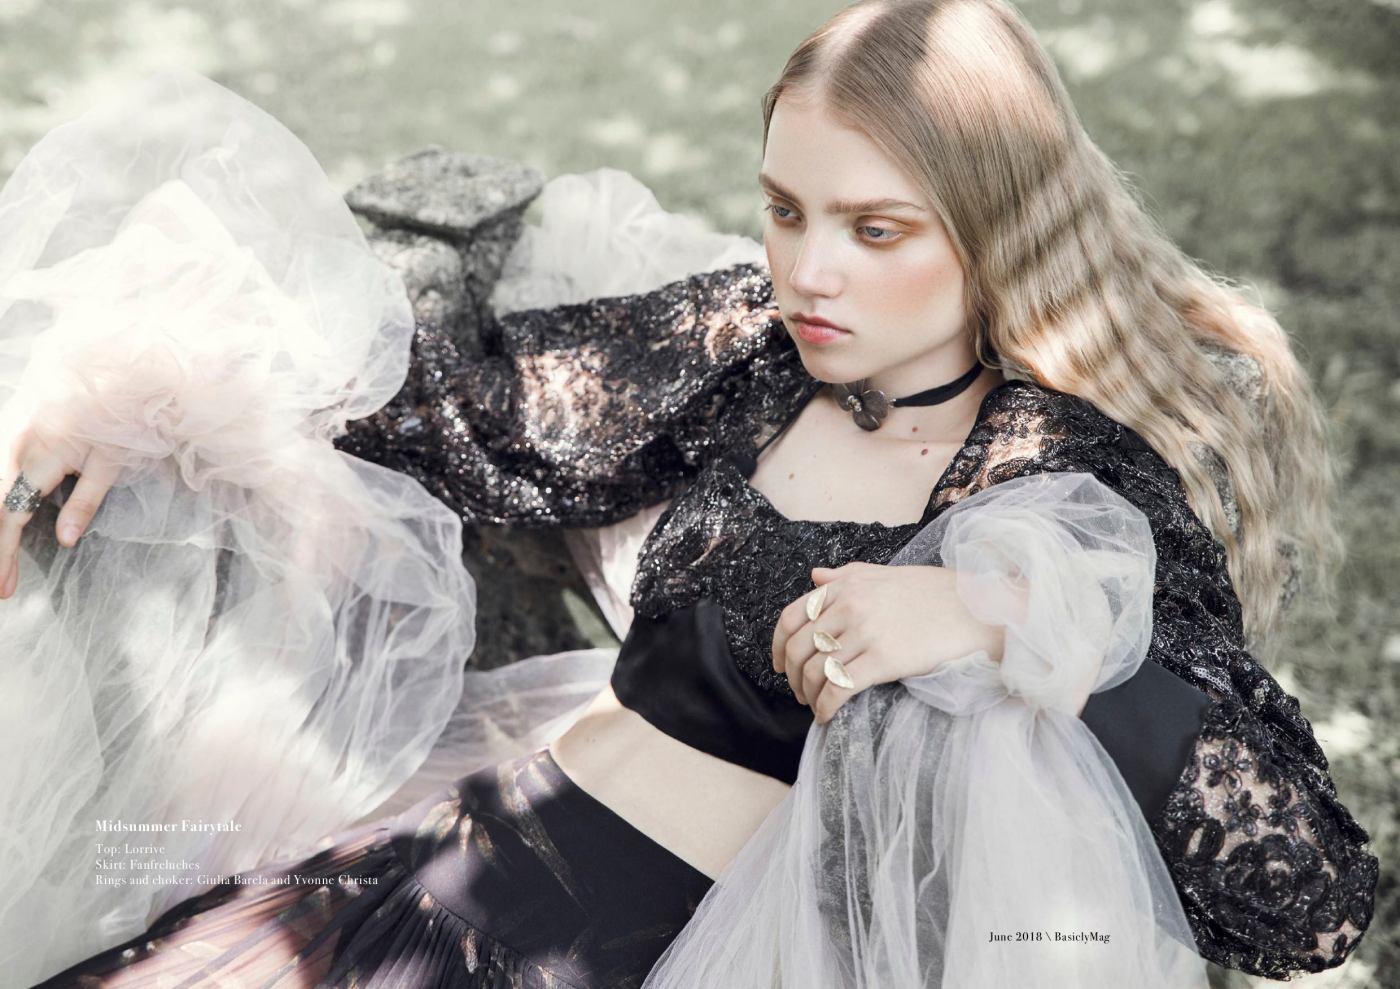 midsummer fairytale 3